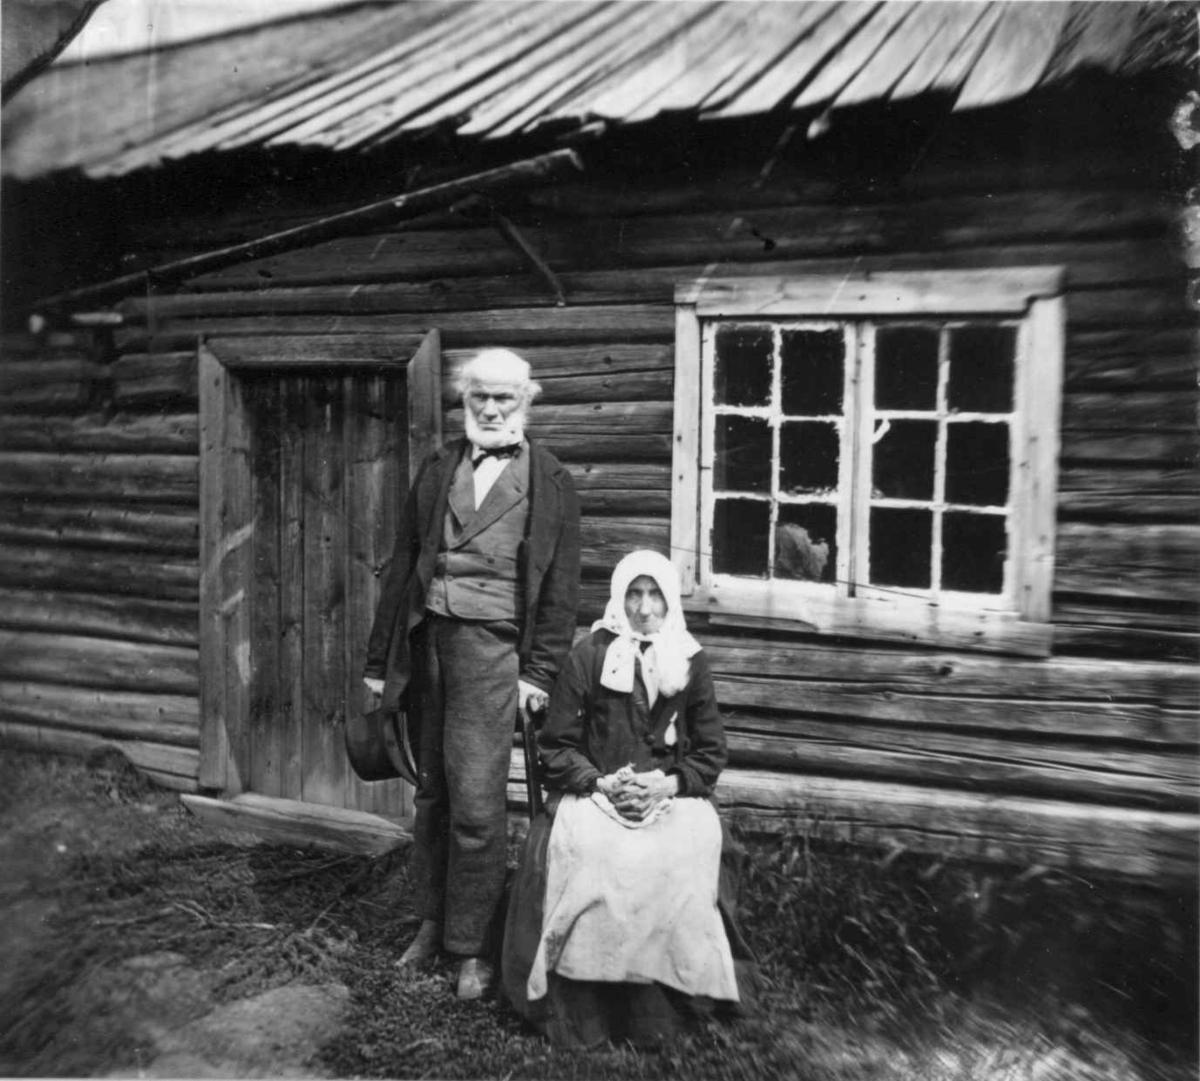 Husmannsfolk, Dal gård, Ullensaker. Eldre par poserer utenfor huset sitt, ca. 1879. Fra portrettserie av personer som bodde på eller besøkte Dal gård, Ullensaker, fotografert av gårdens eier, kammerherre Fredrik Emil Faye (1844-1903) i årene 1875-1900.